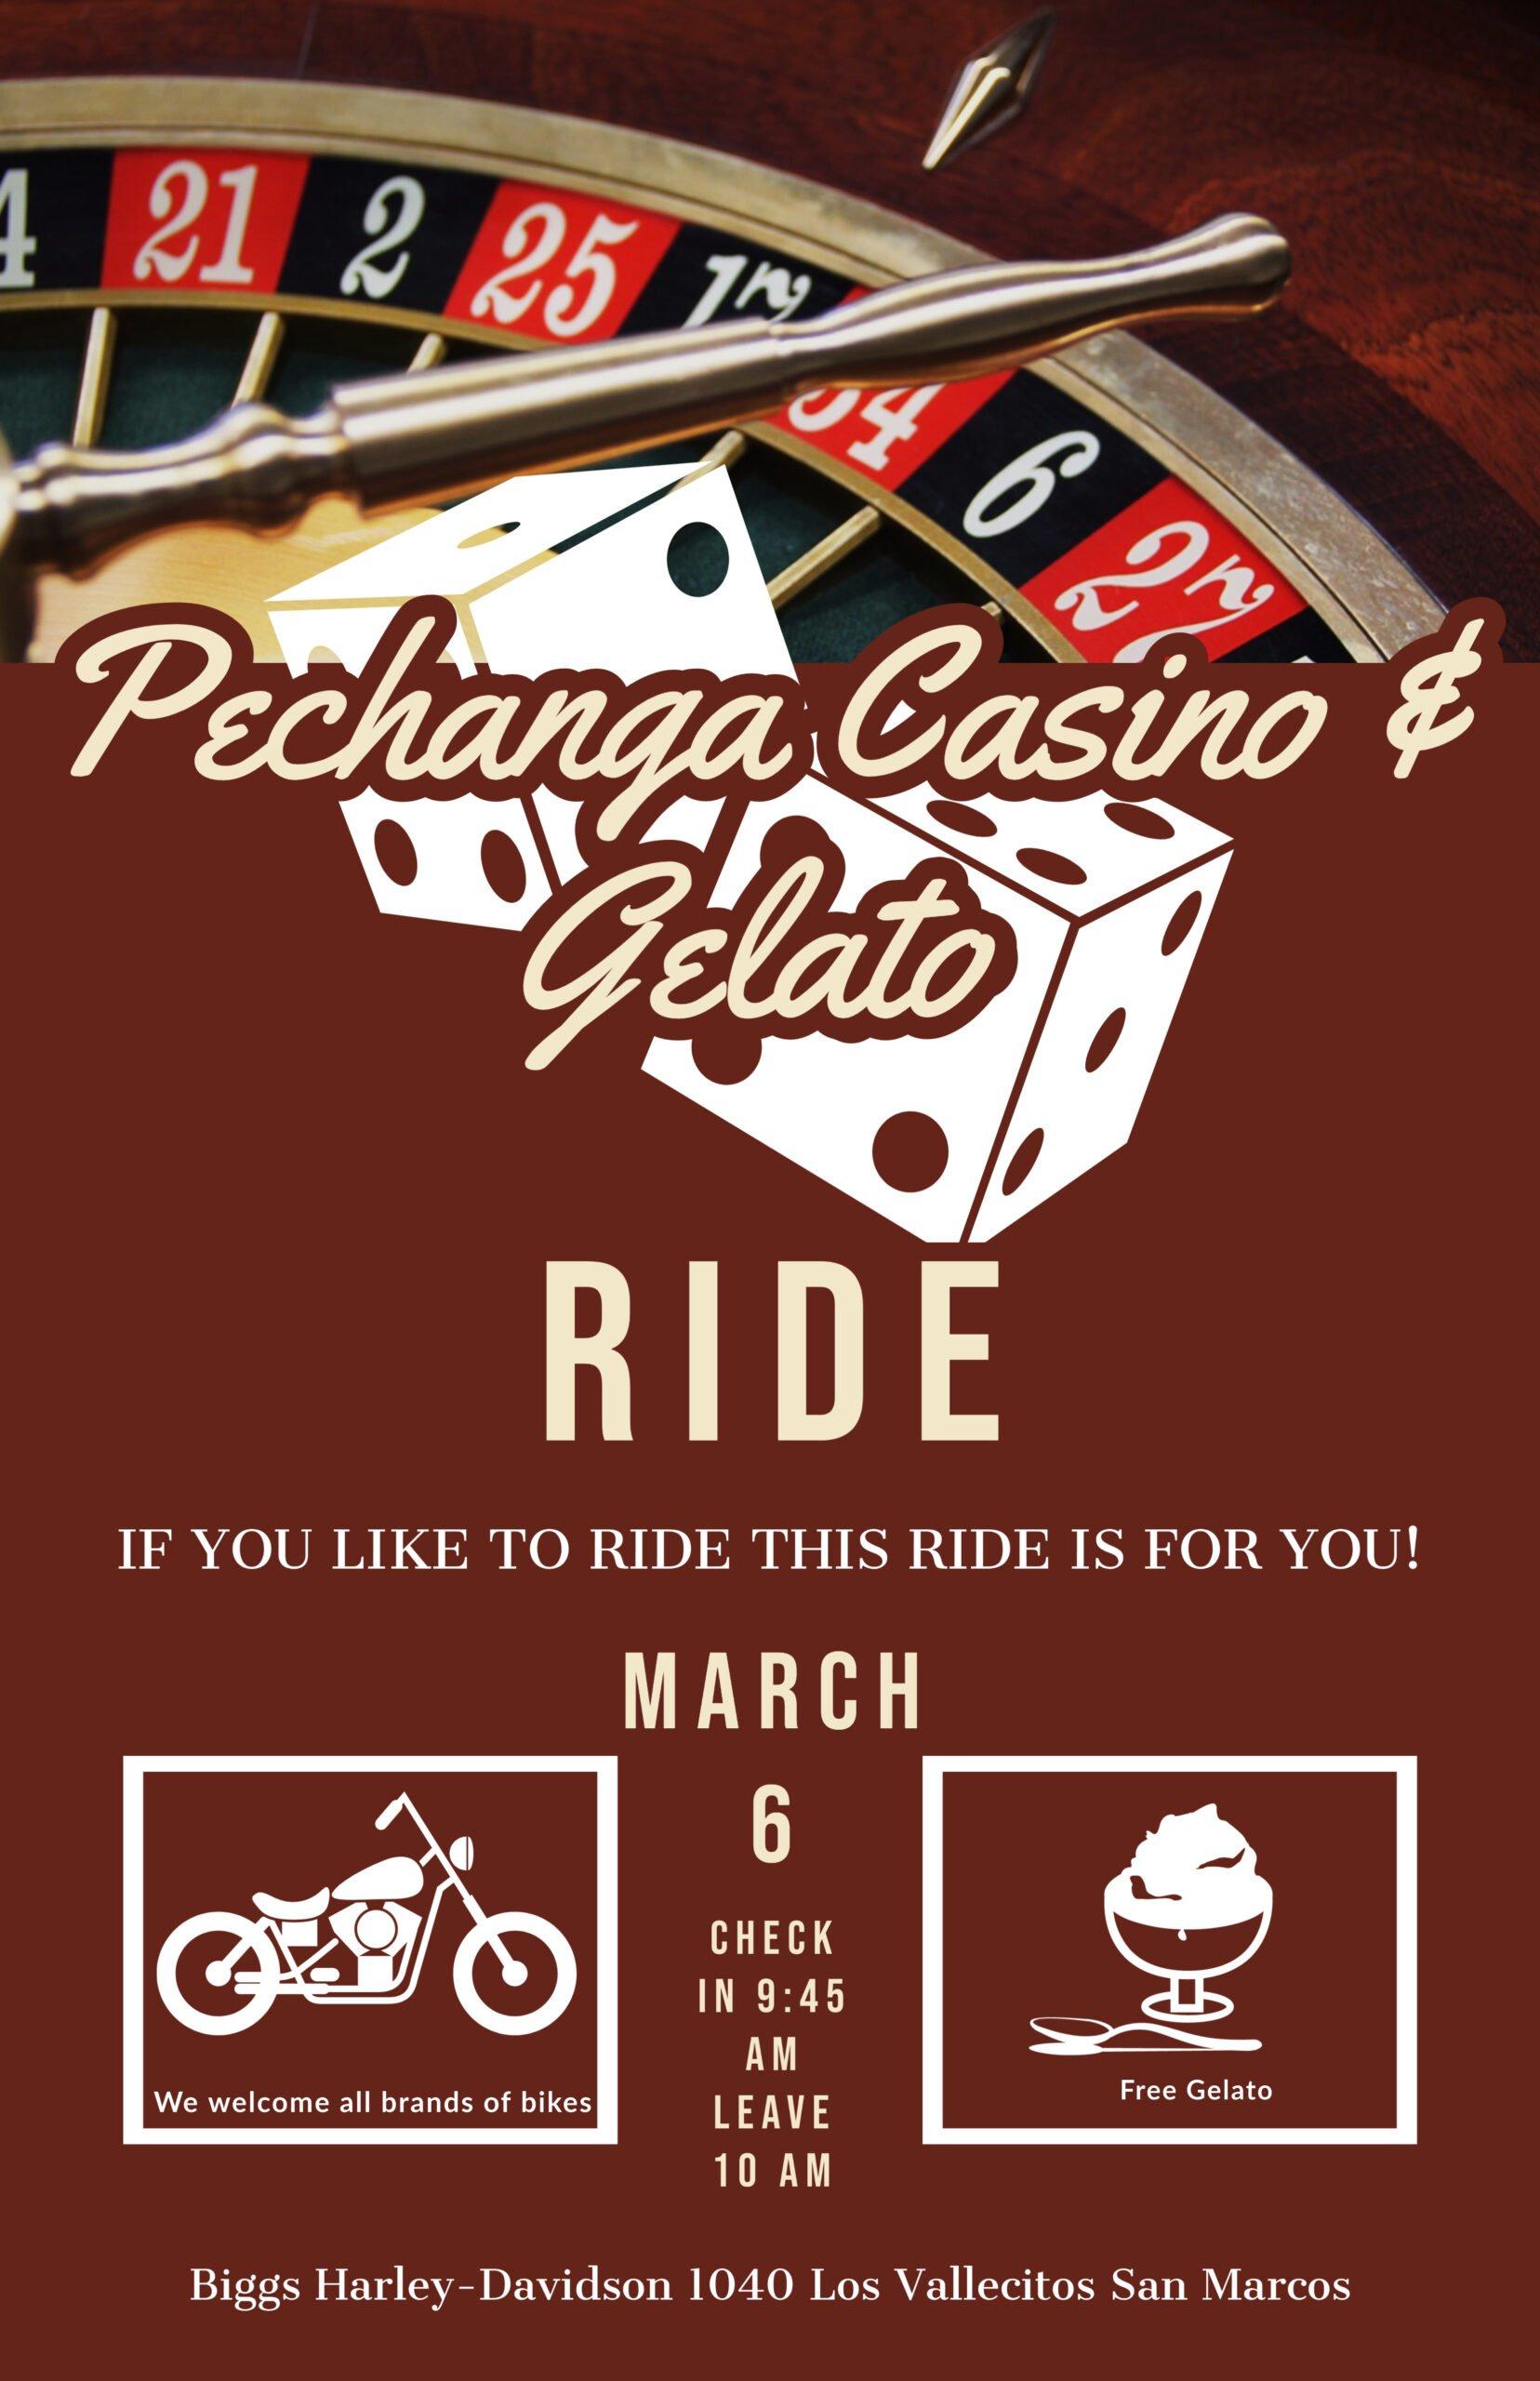 Pechanga Casino & Gelato Crew Ride